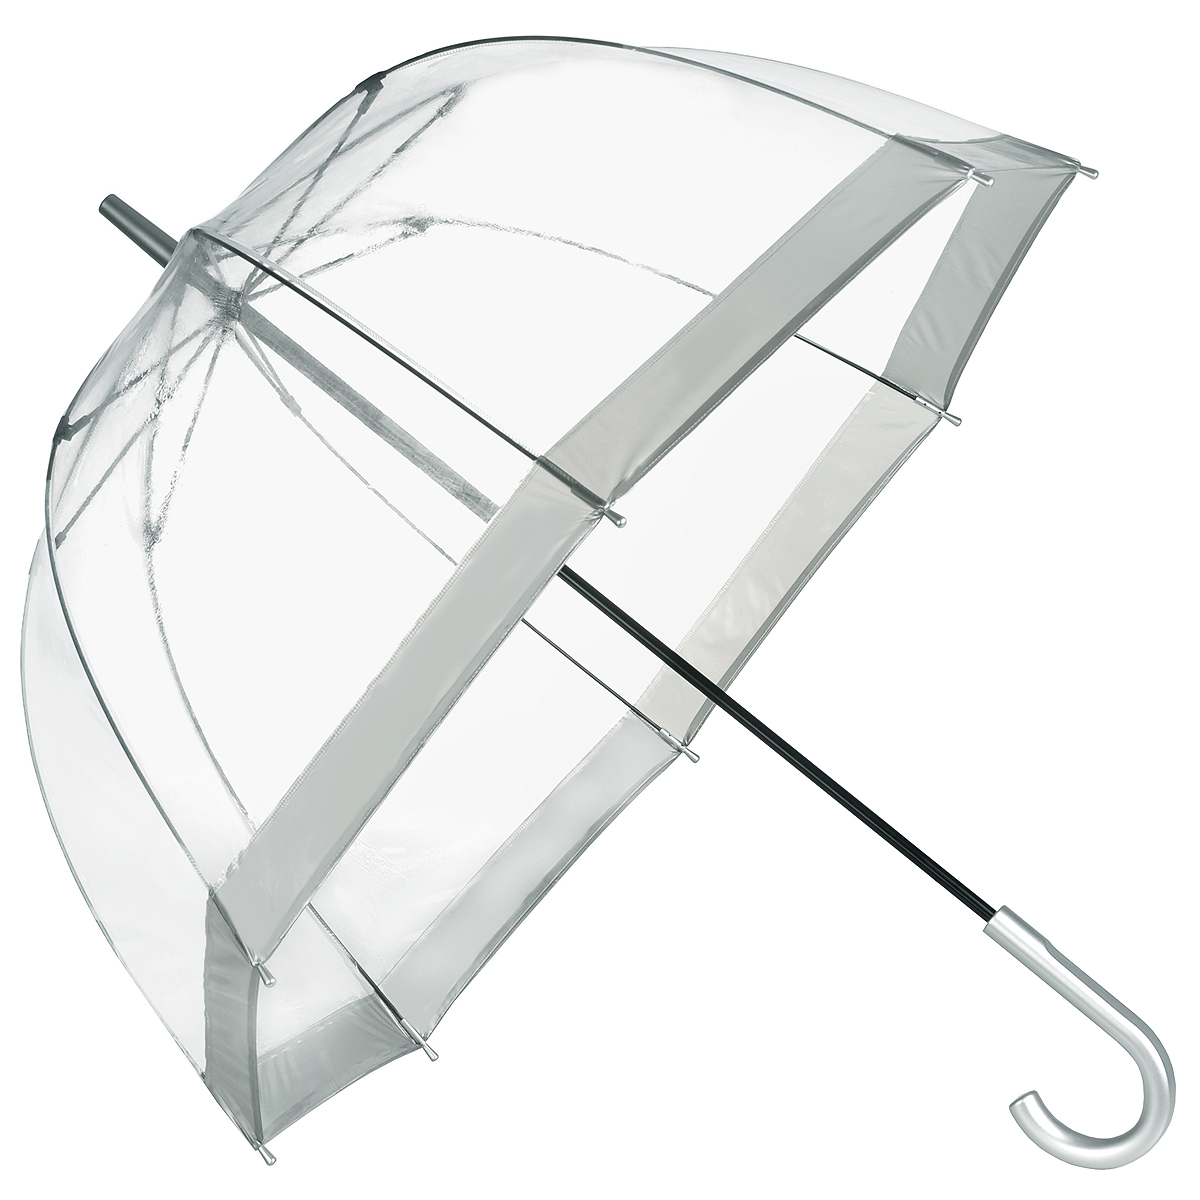 Зонт-трость женский Bird cage, механический, цвет: прозрачный, серебристый. L041 1F003REM12-CAM-GREENBLACKСтильный куполообразный зонт-трость Bird cage, защищающий голову и плечи, даже в ненастную погоду позволит вам оставаться элегантной. Каркас зонта выполнен из 8 спиц из фибергласса, стержень изготовлен из стали. Купол зонта выполнен из прозрачного ПВХ с серебристыми вставками по краям. Рукоятка закругленной формы, выполненная из пластик серебристого цвета, разработана с учетом требований эргономики. Зонт имеет механический тип сложения: купол открывается и закрывается вручную до характерного щелчка.Такой зонт не только надежно защитит вас от дождя, но и станет стильным аксессуаром. Характеристики:Материал: ПВХ, сталь, фибергласс, пластик. Диаметр купола: 89 см.Цвет: прозрачный, серебристый. Длина стержня зонта: 84 см. Длина зонта (в сложенном виде): 94 см. Количество спиц: 8 шт.Вес: 540 г.